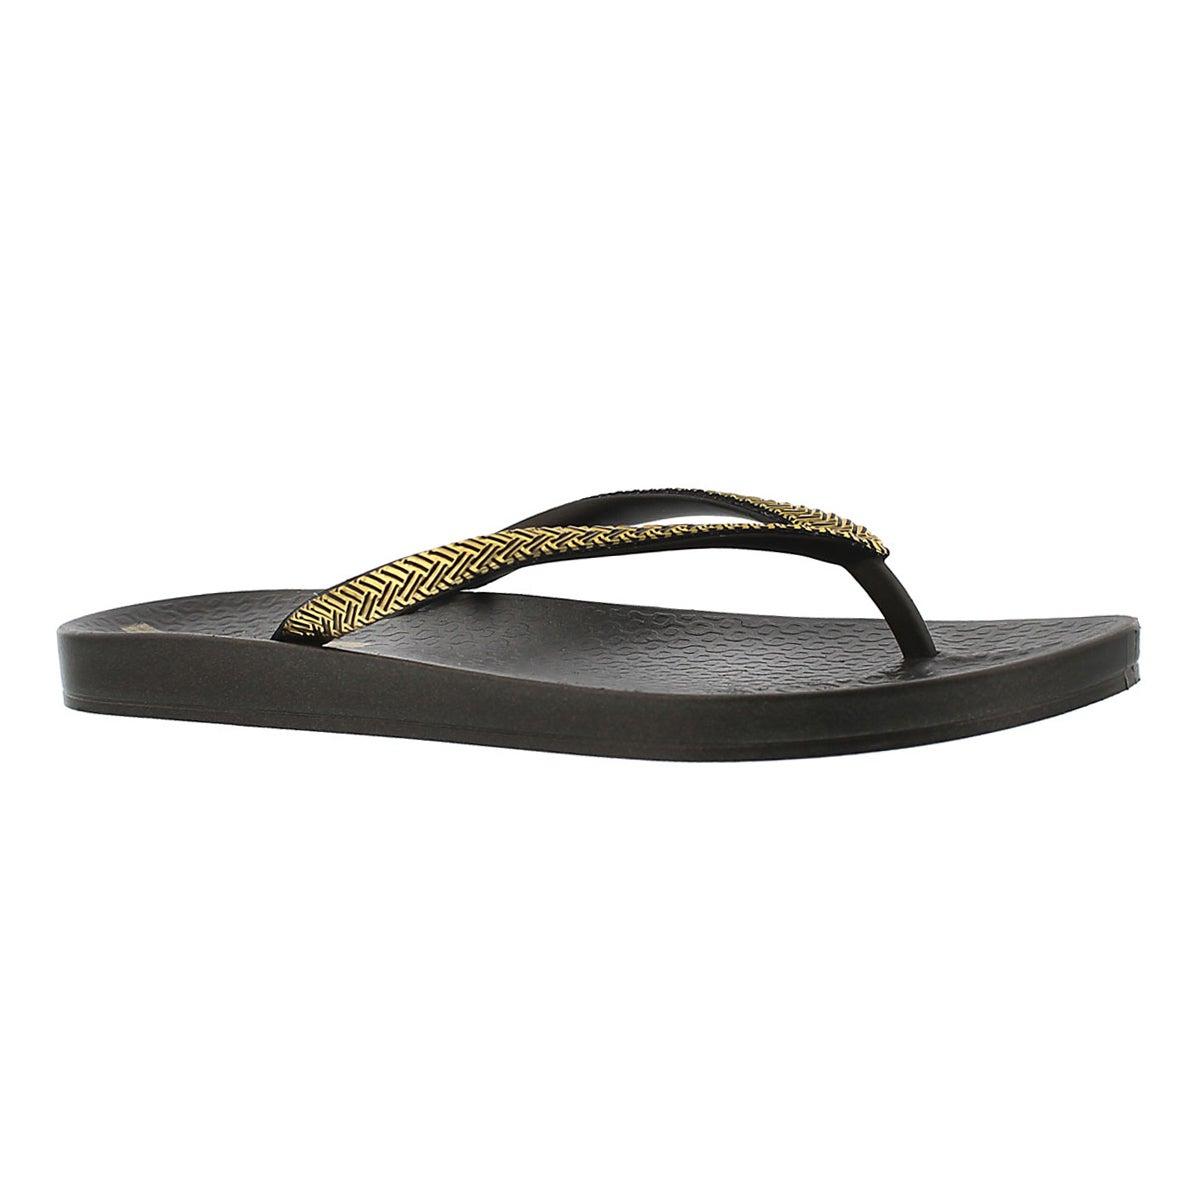 Sandale tong MESH FEM, noir/or, femmes